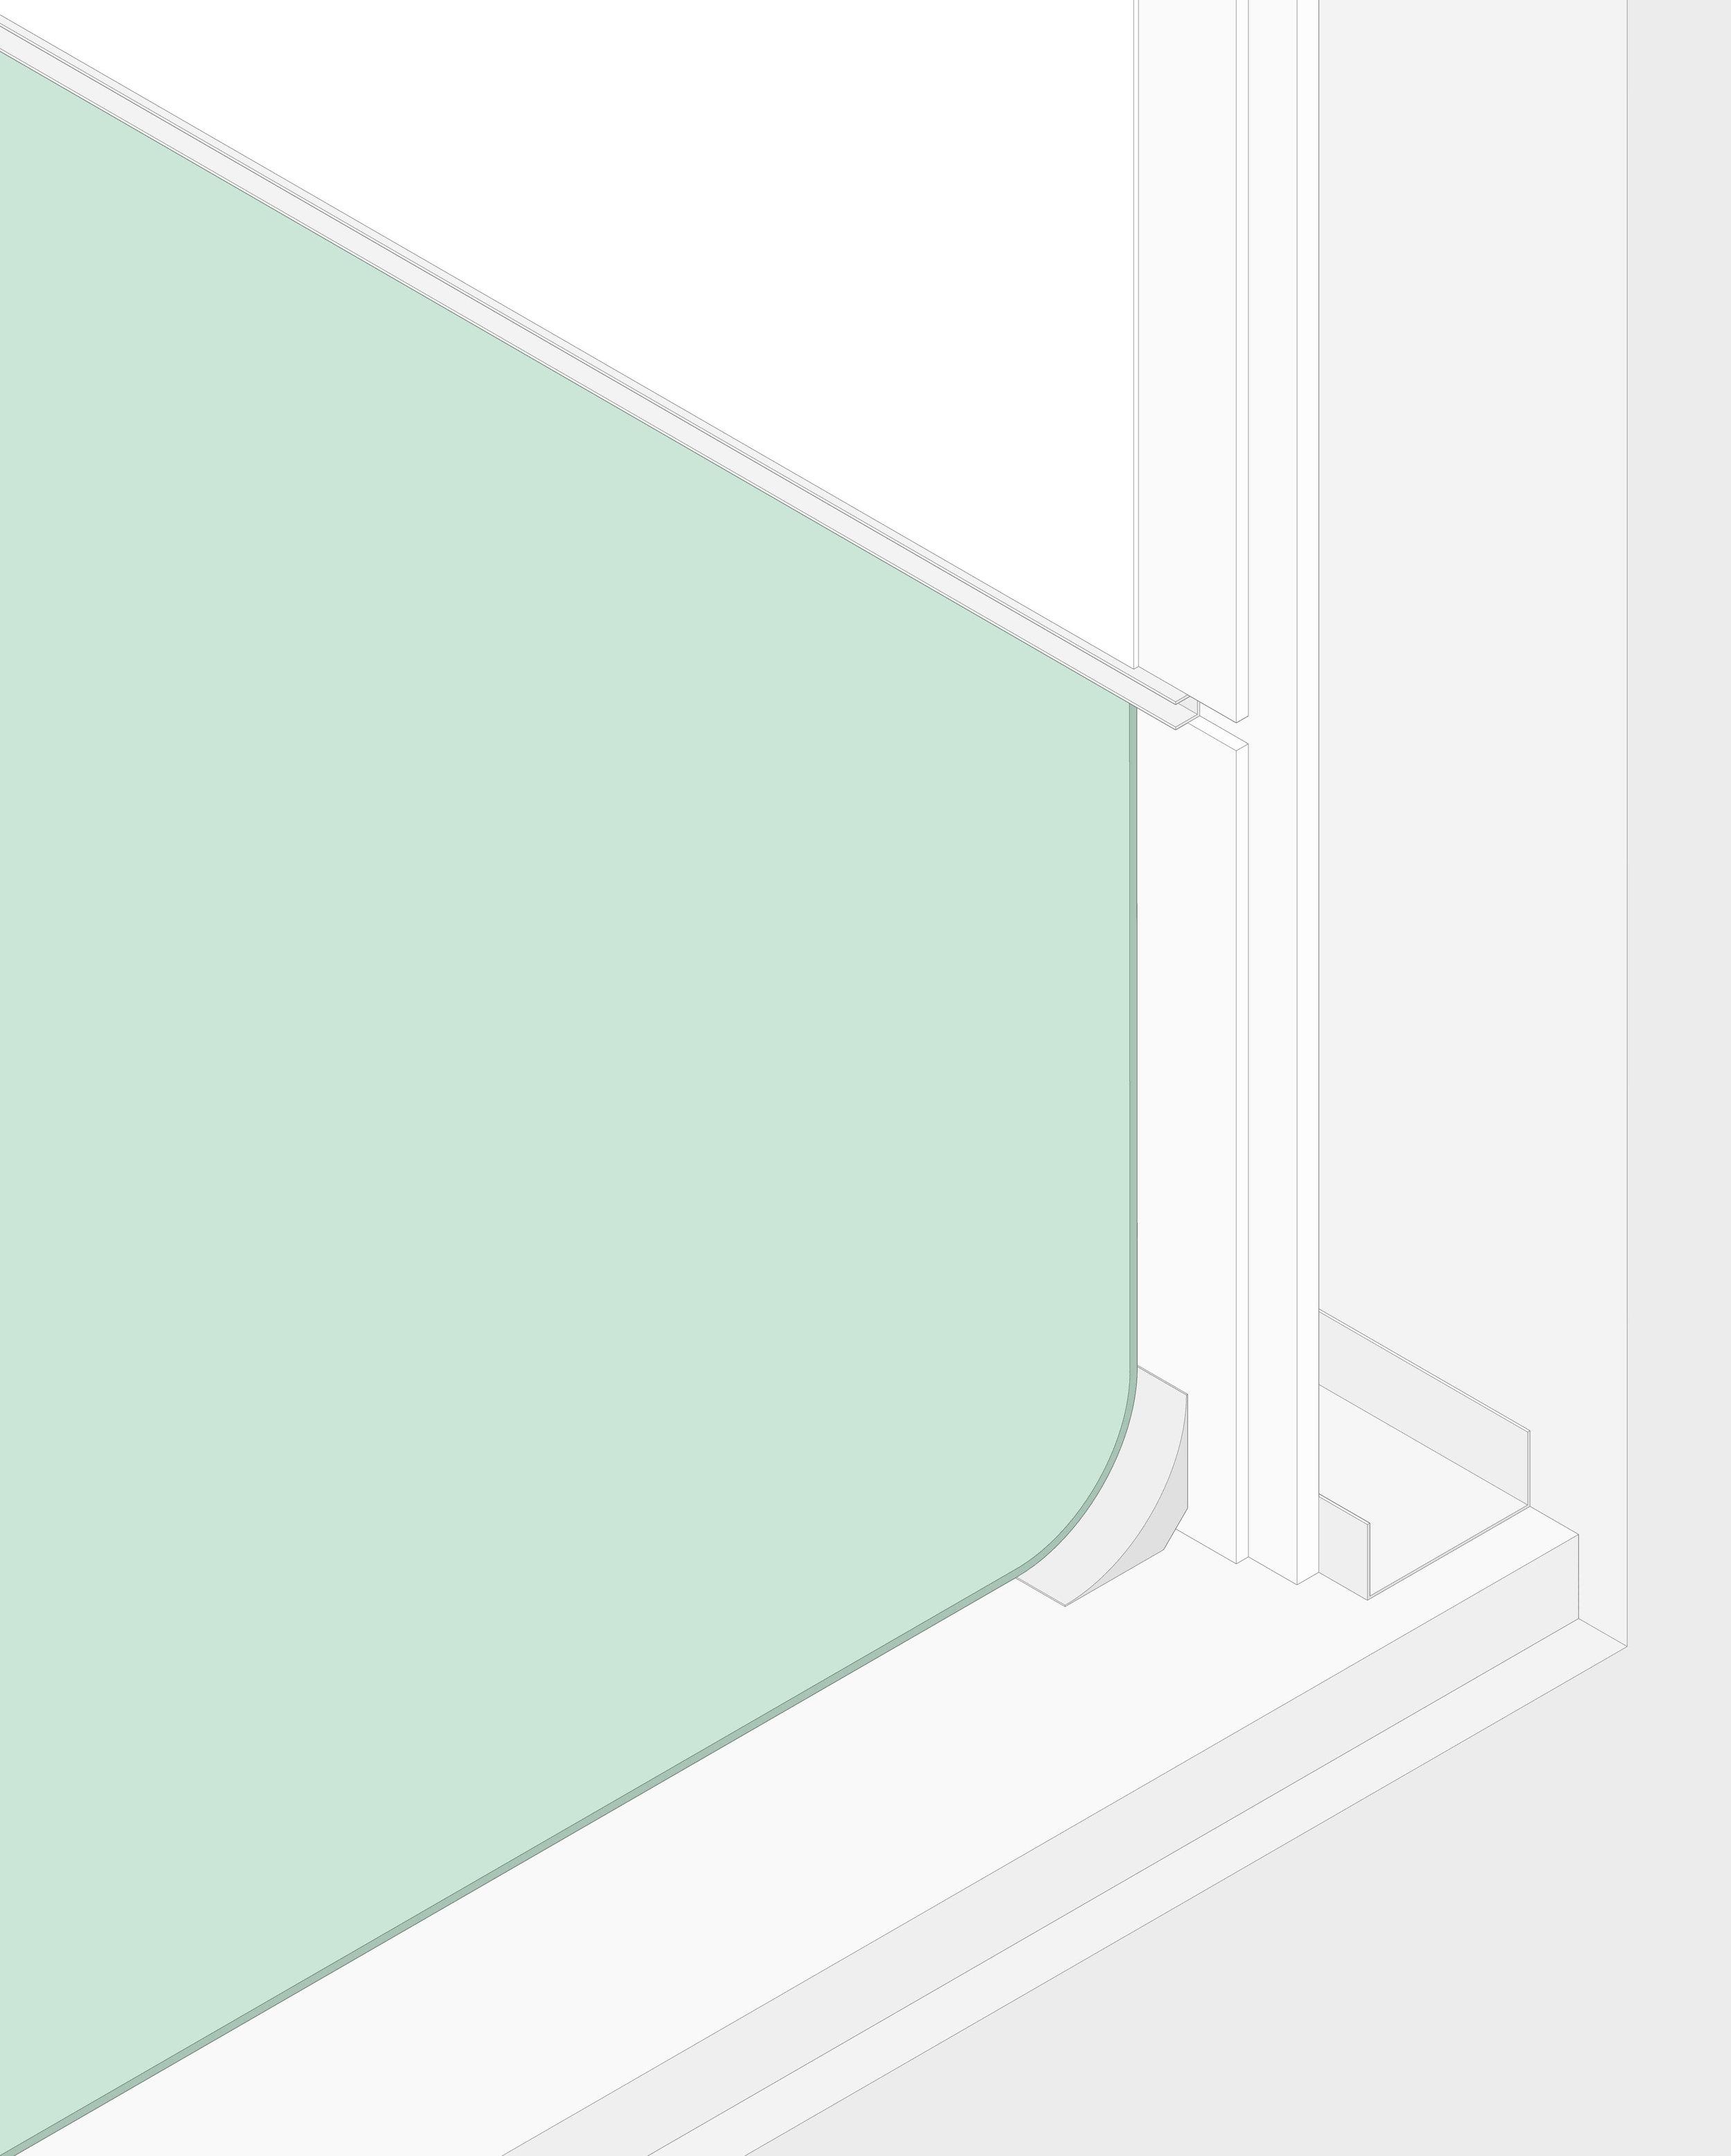 LOWRES foodoo floor scheme v5.jpg